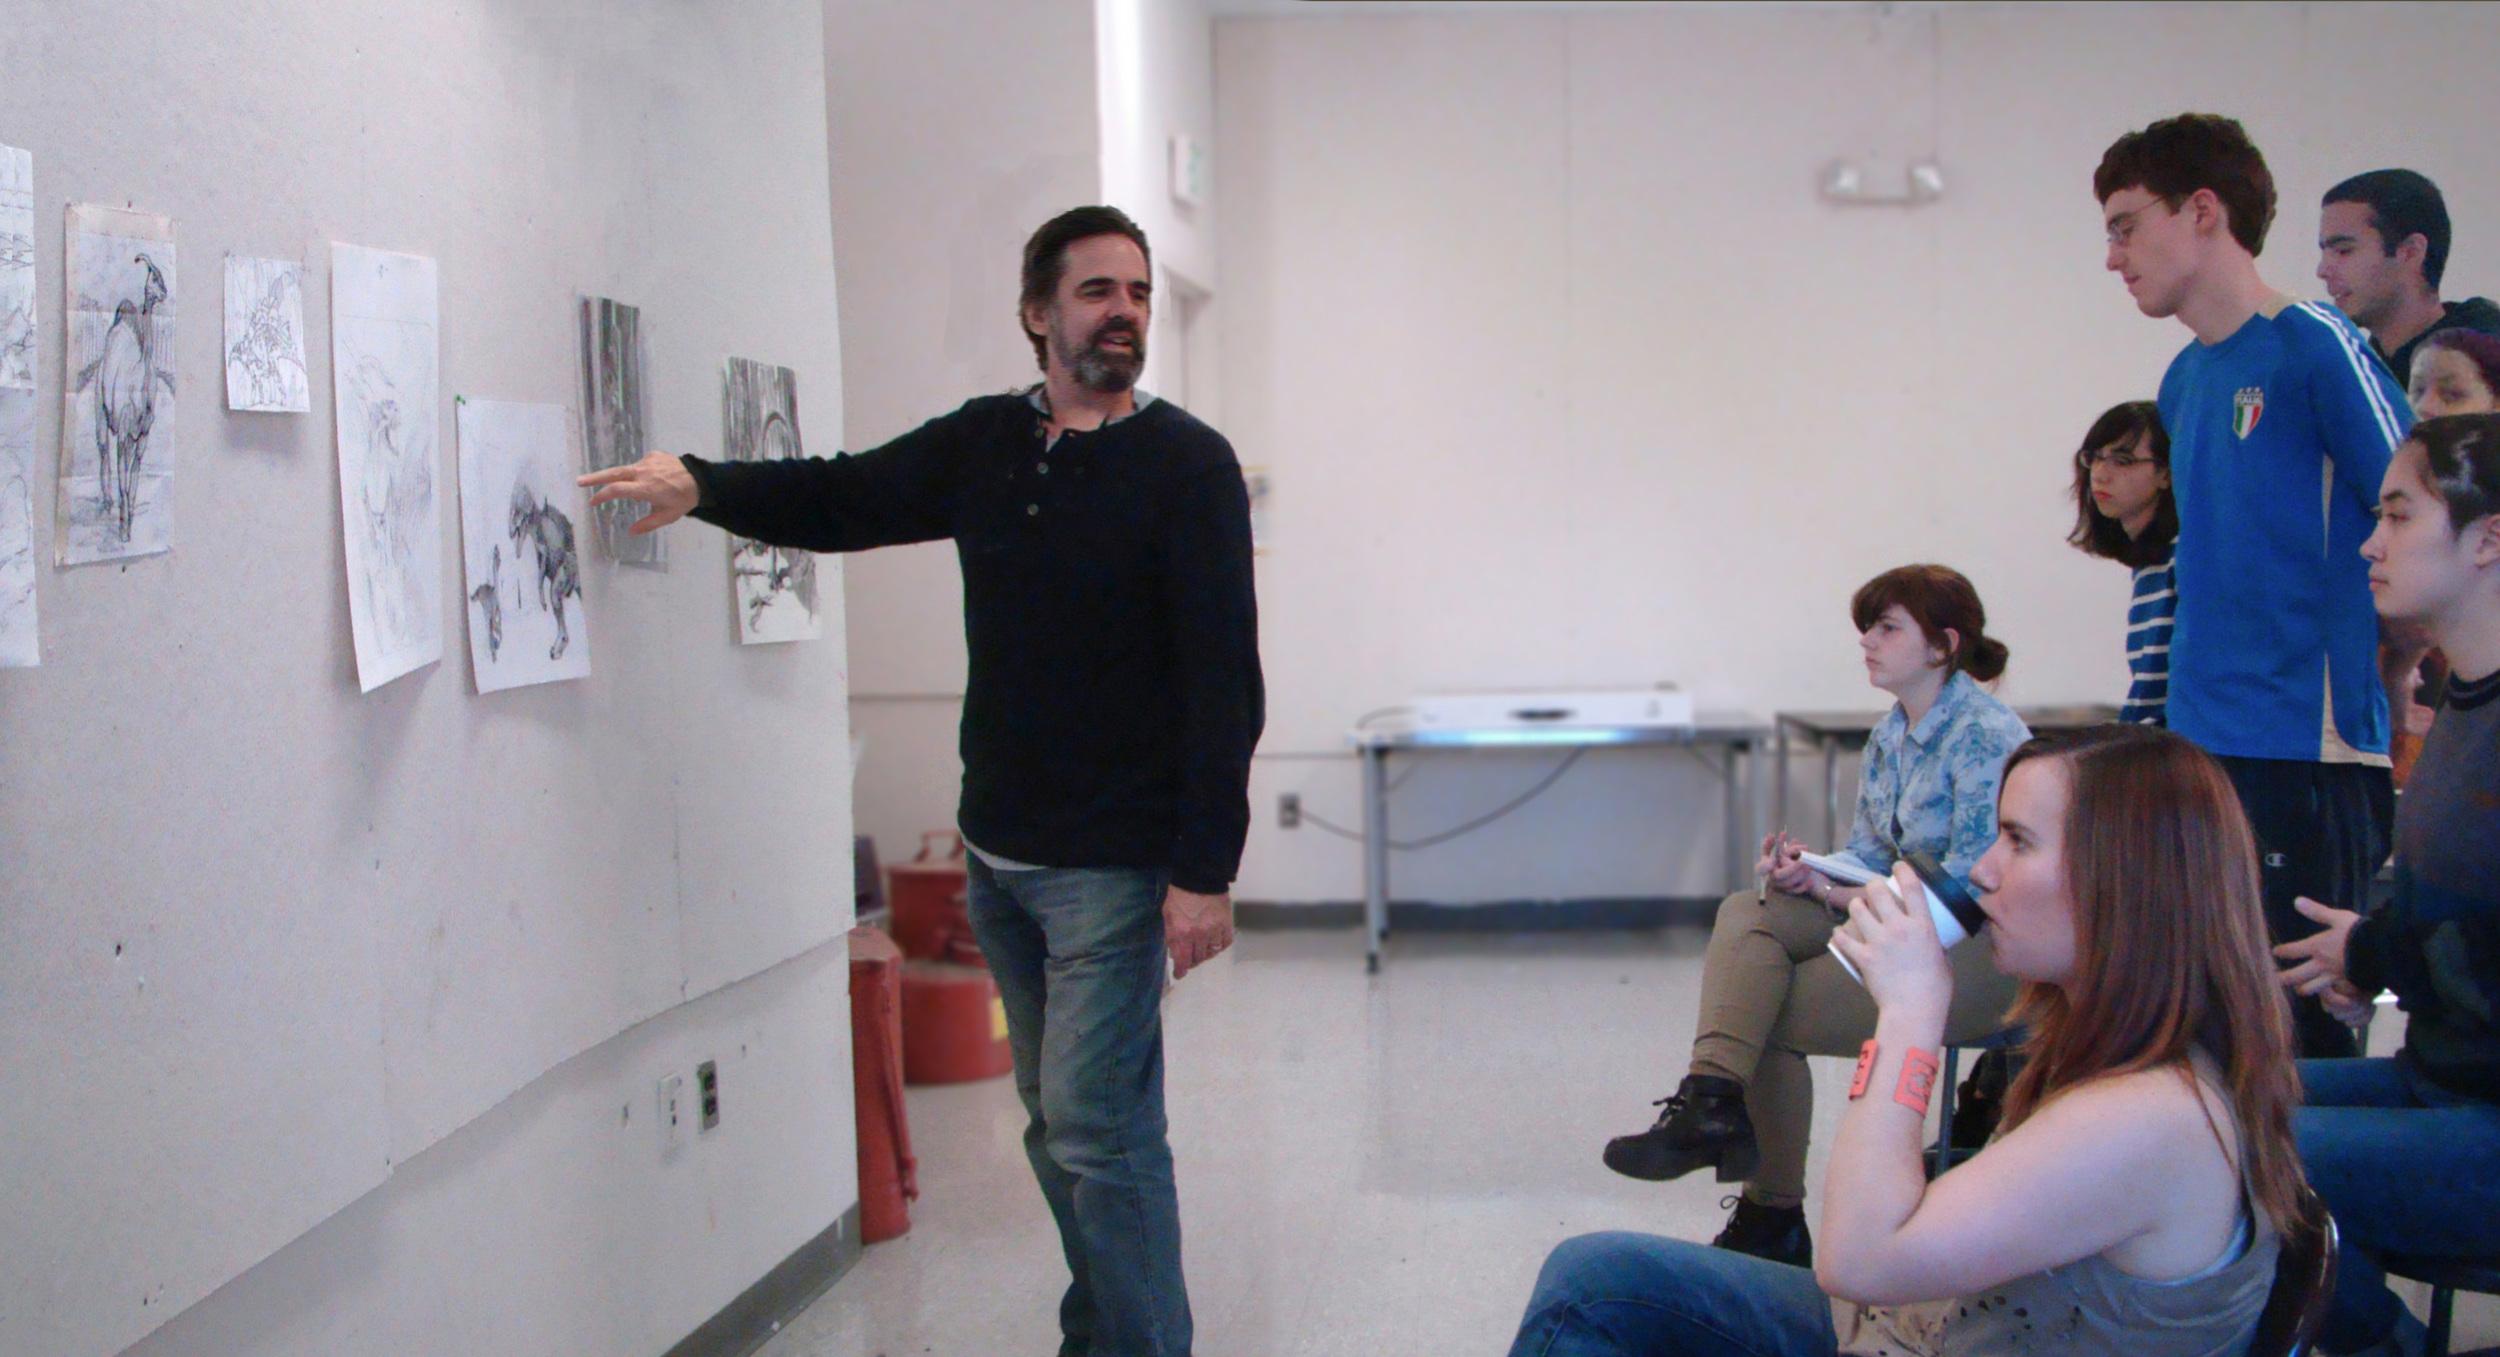 a critique in class